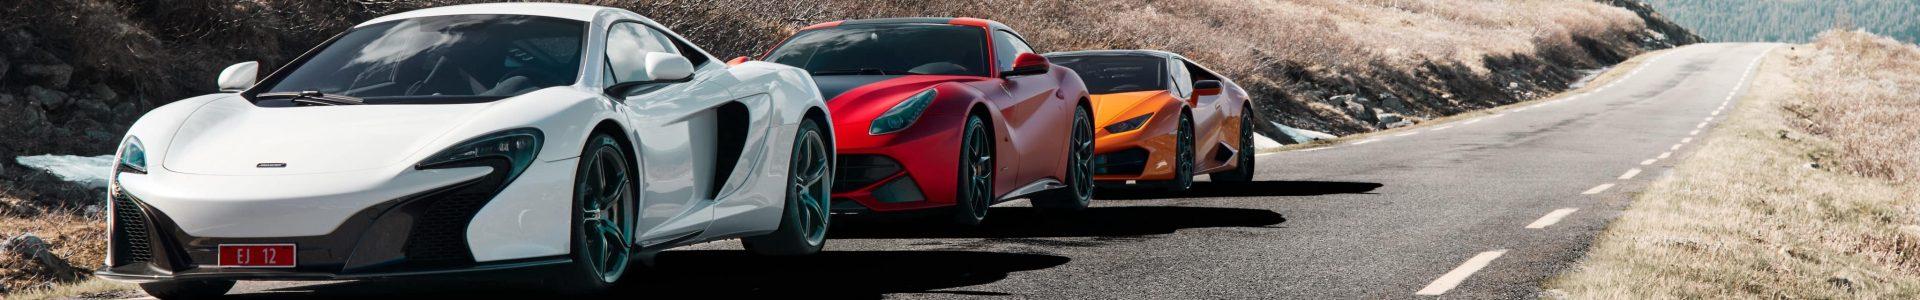 Sportwagen- und Rennstreckenversicherung